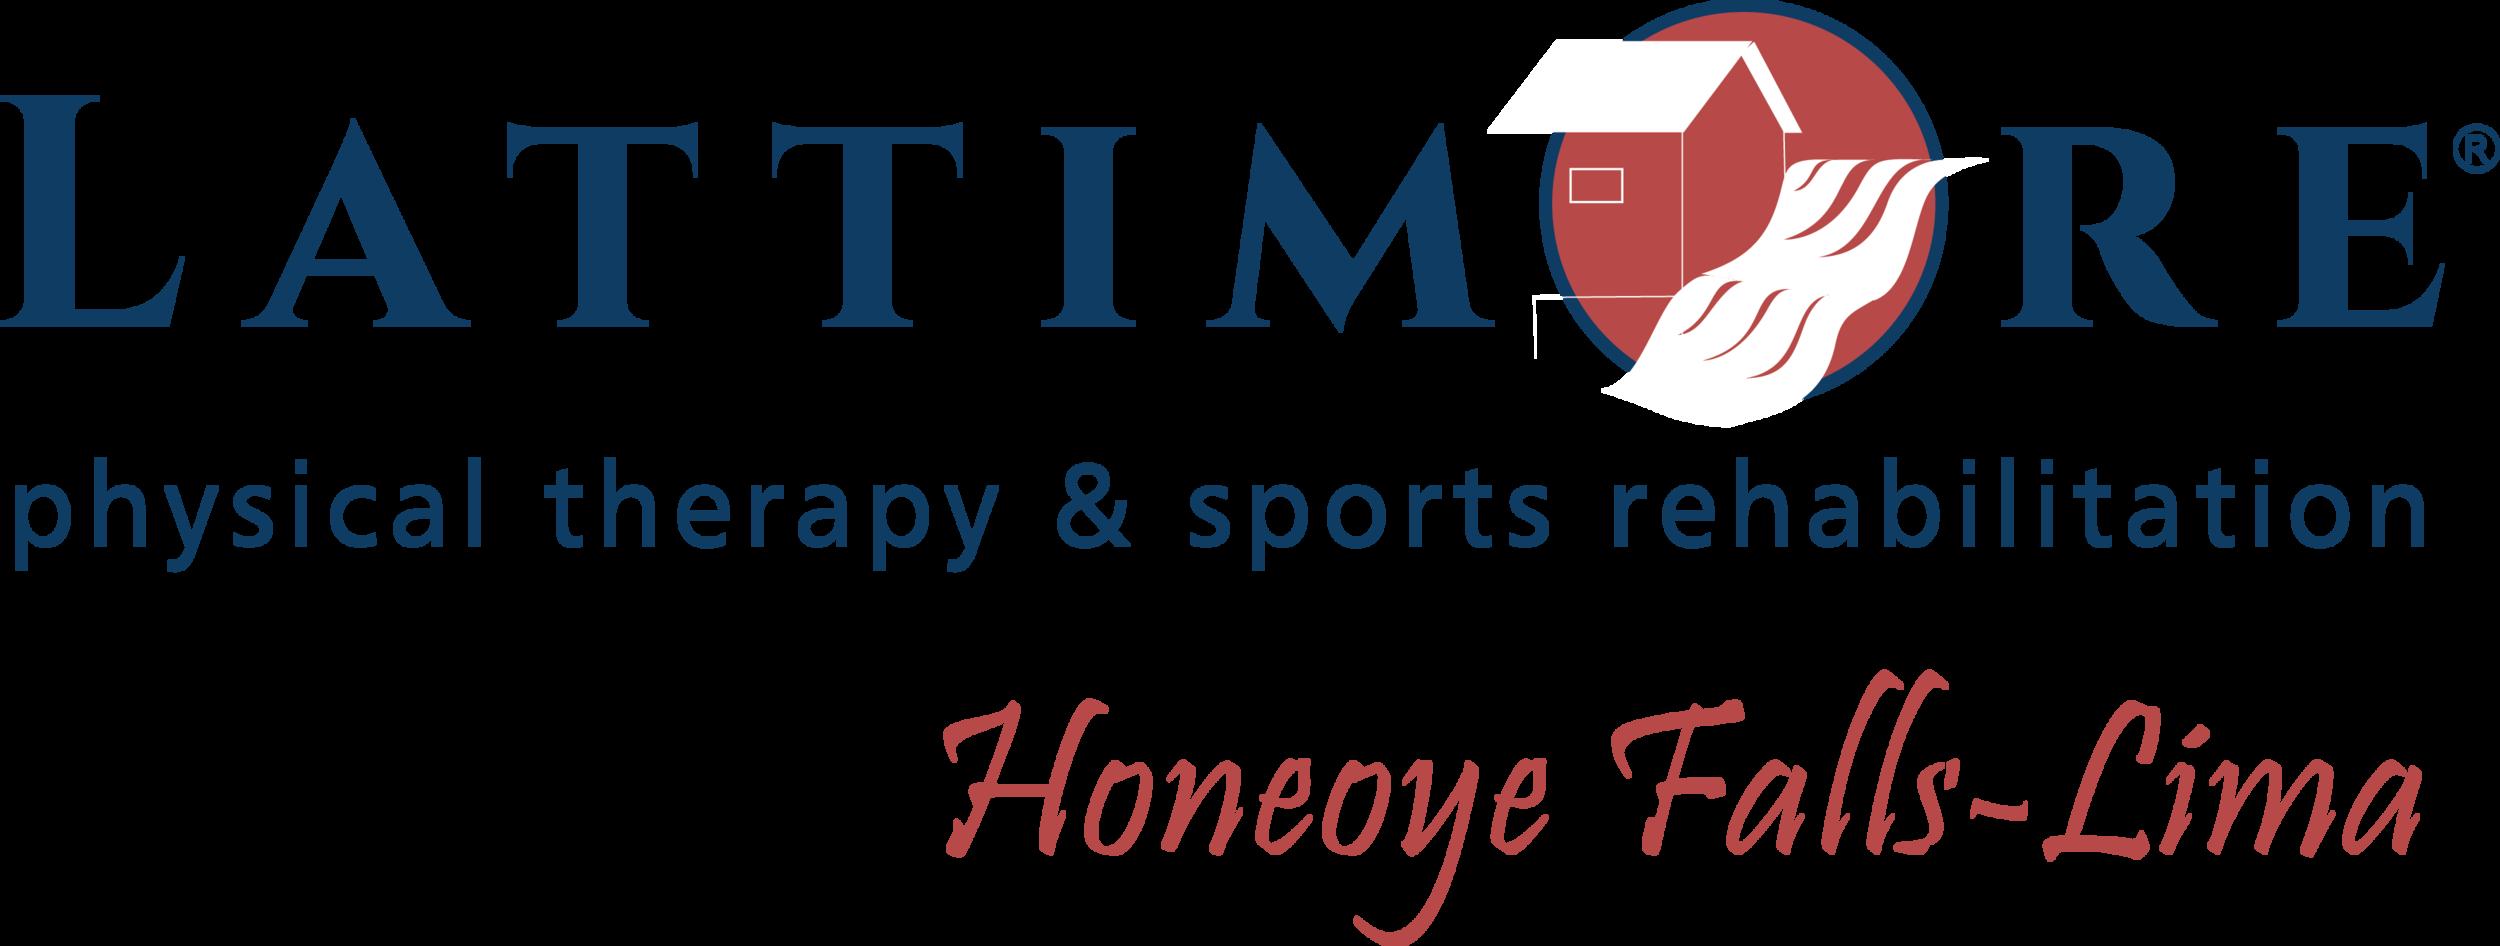 2019-05_Lattimore-Logo-HFL.png